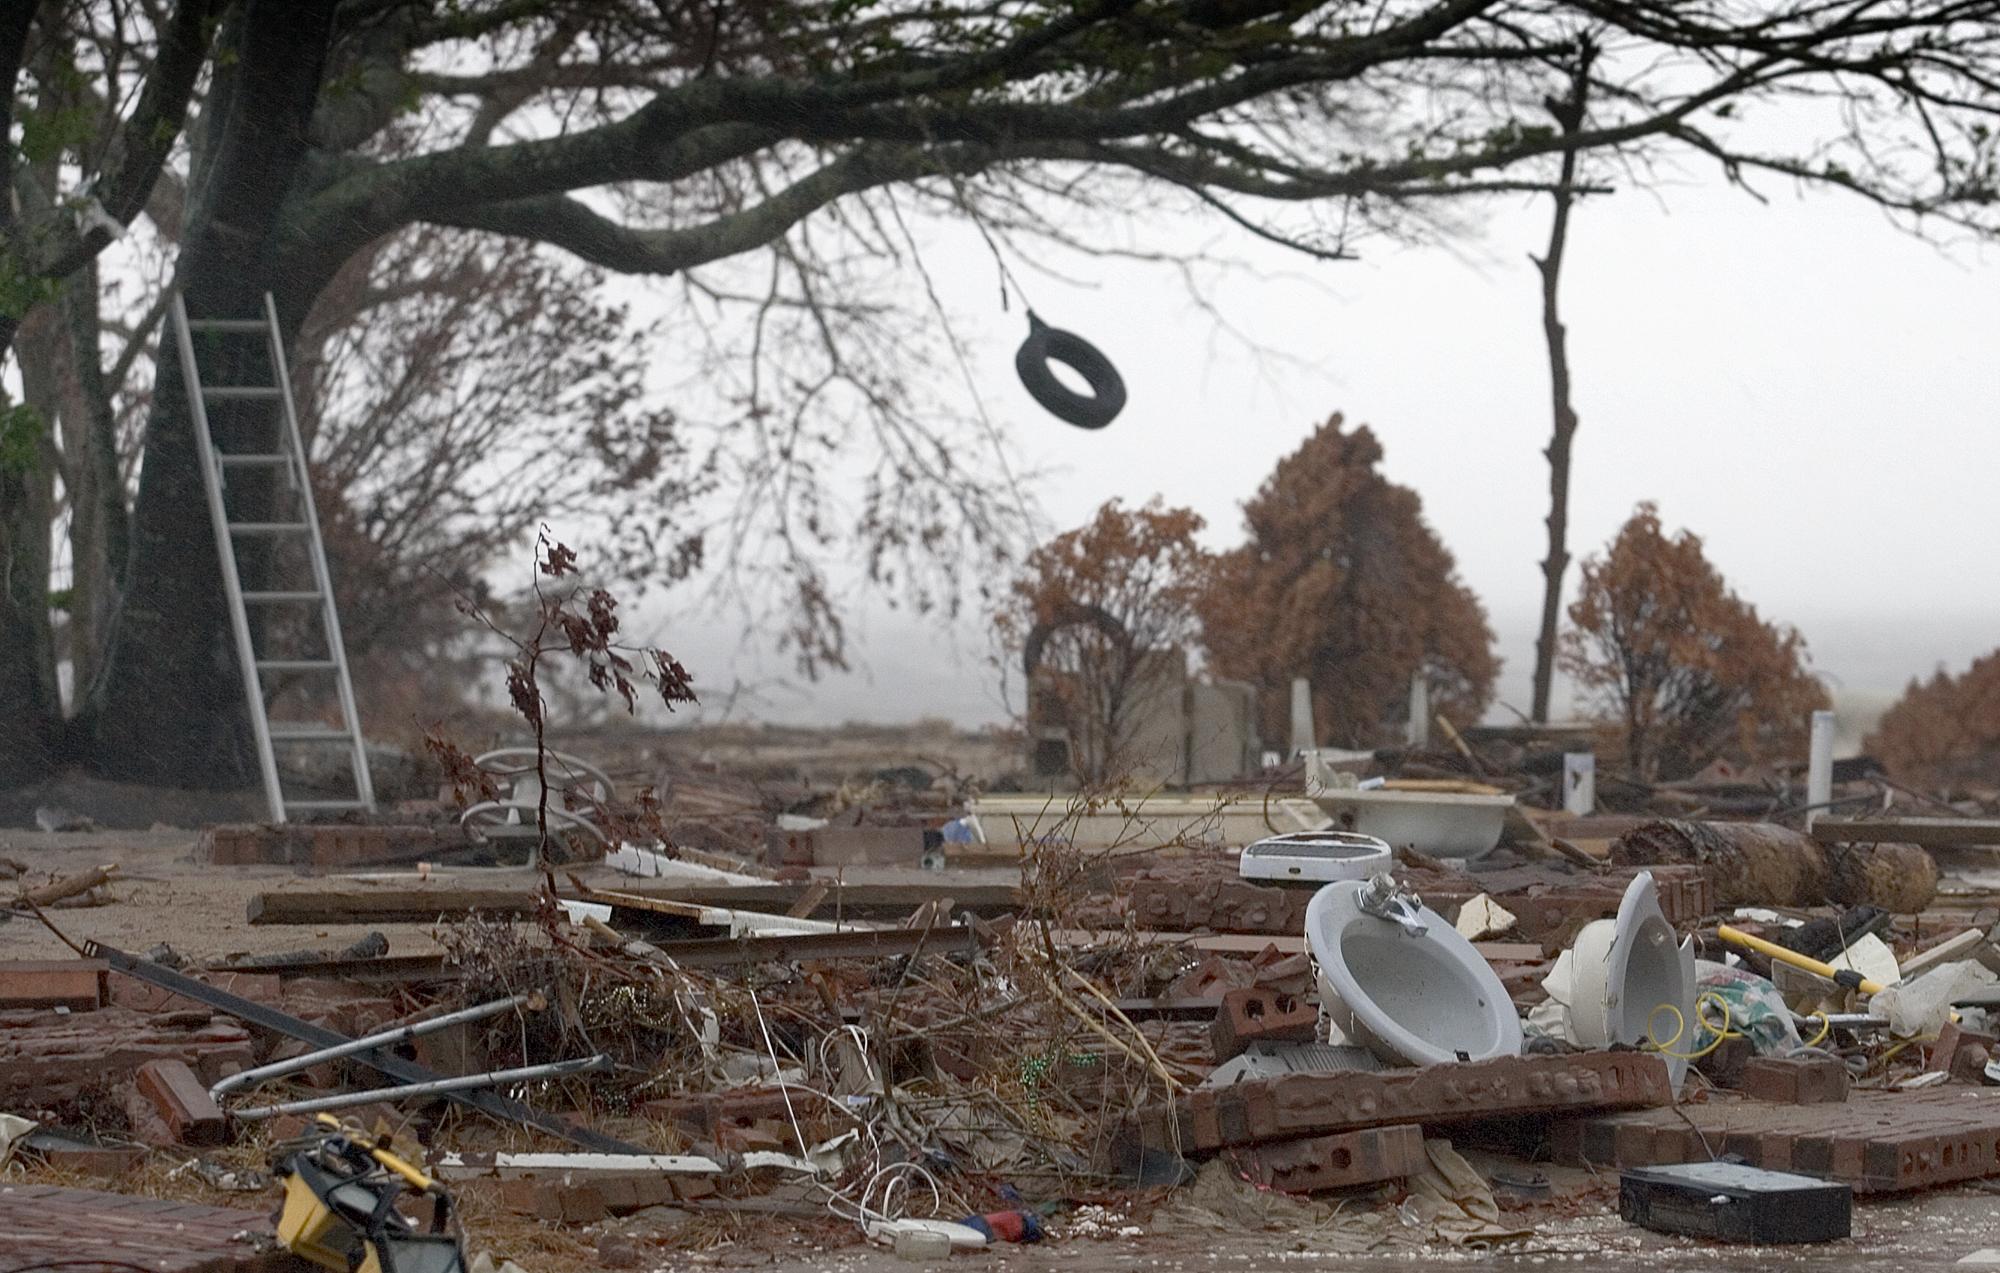 Um balanço de pneu balança ao vento do furacão Rita sobre os restos de uma casa à beira-mar destruída pelo furacão Katrina em Ocean Springs, Mississipi. O Rita chegou ao leste do Texas em 24 de setembro de 2005, quase quatro semanas após o Katrina atingir Louisiana e Mississippi. Foto de Mike DuBose, Serviço Metodista Unido de Notícias.